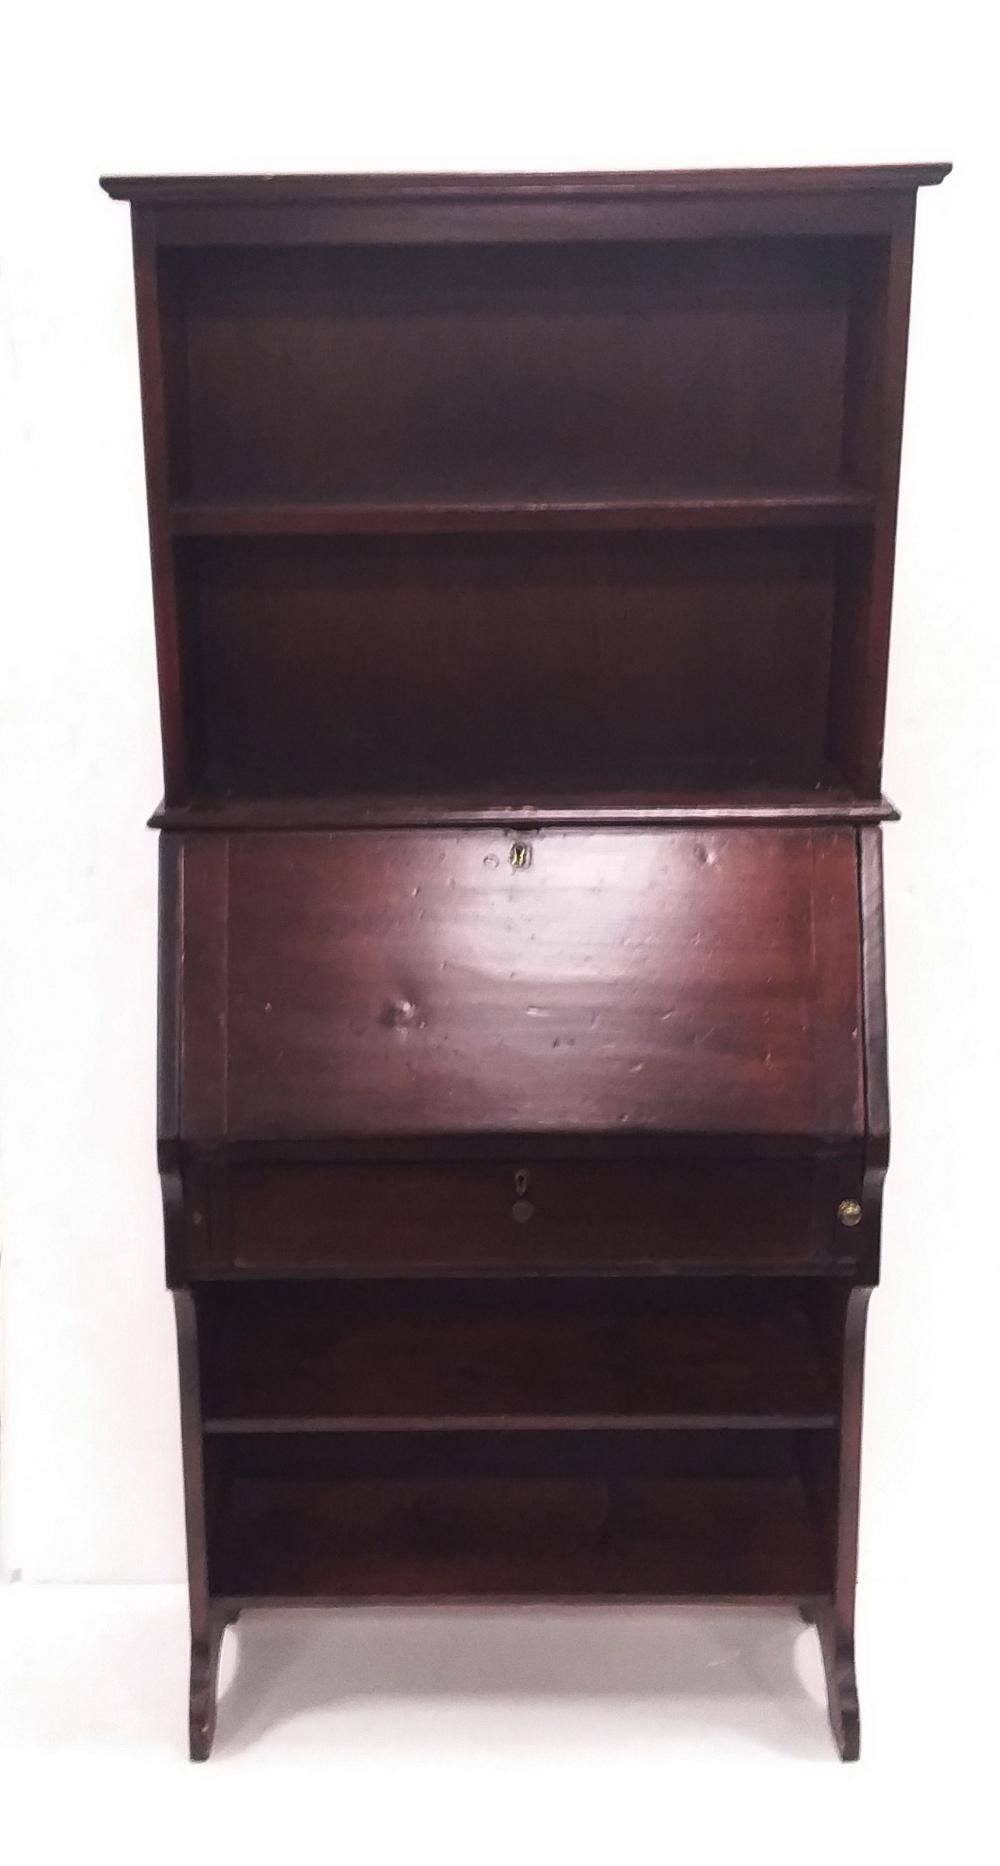 Lot 20 - Vintage Bureau Bookcase